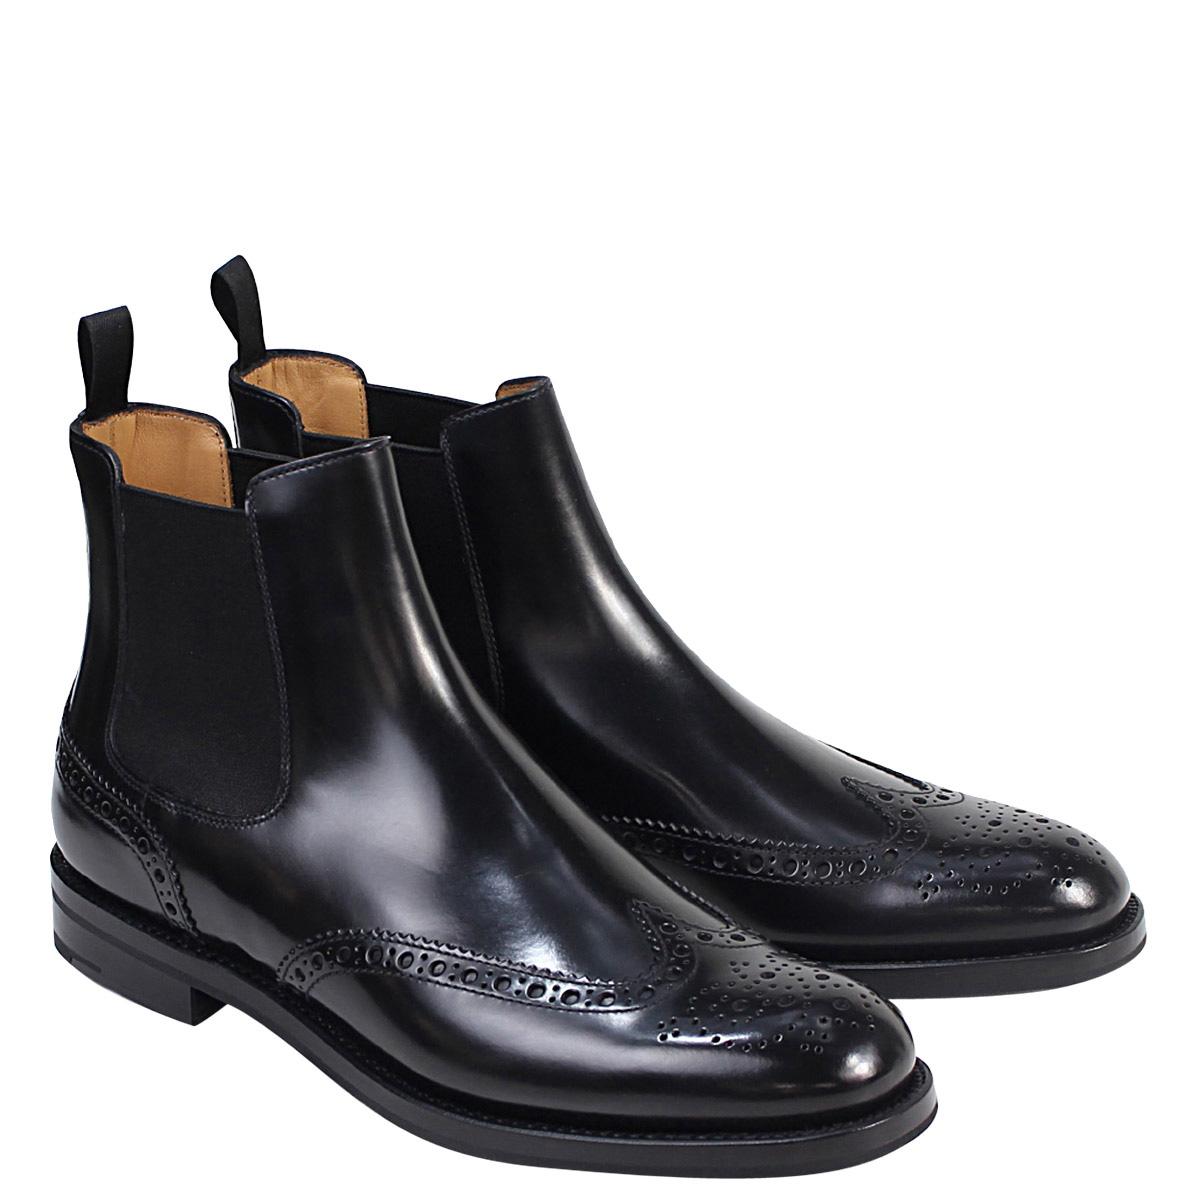 【訳あり】 【BOXなし】 チャーチ Church's 靴 ケッツビー サイドゴア チェルシーブーツ レディース KETSBY WG POLISH BINDER CALF ブラック 黒 8706 DT0001 【返品不可】 [195]